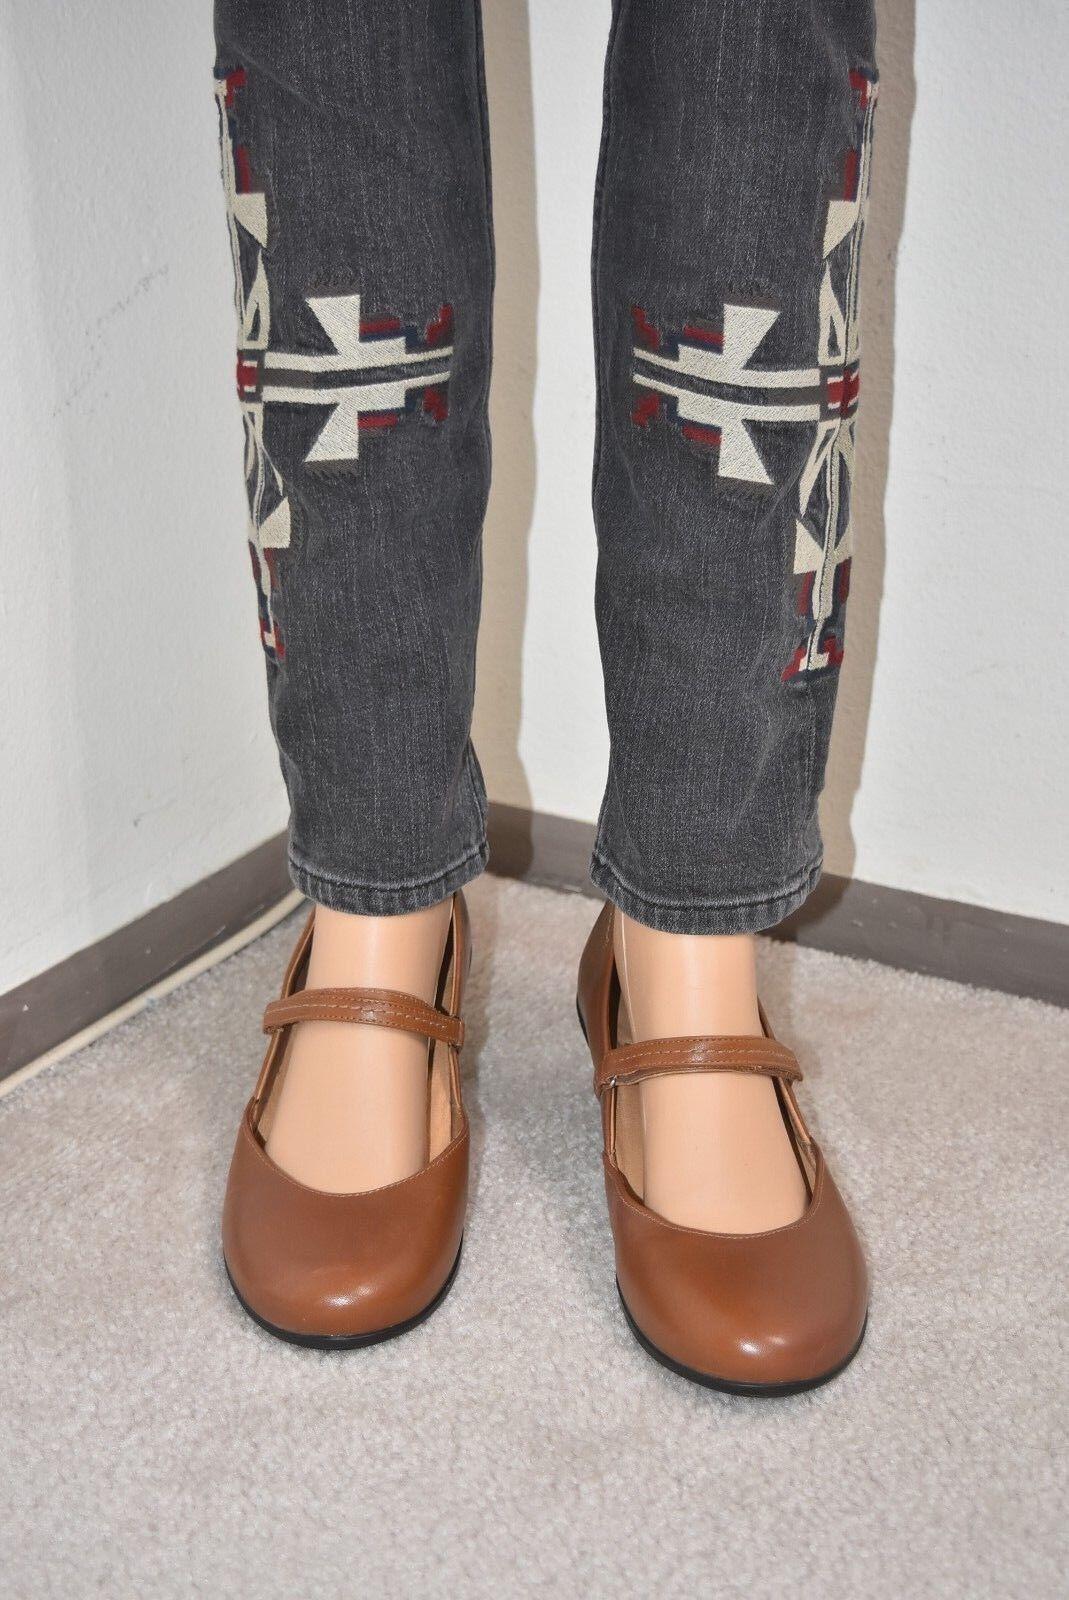 Dansko para Mujer Marrón Cuero Mary Jane Jane Jane Zapatos Talla 10.5 EE. UU. UE 41 Extra Ancho  comprar barato